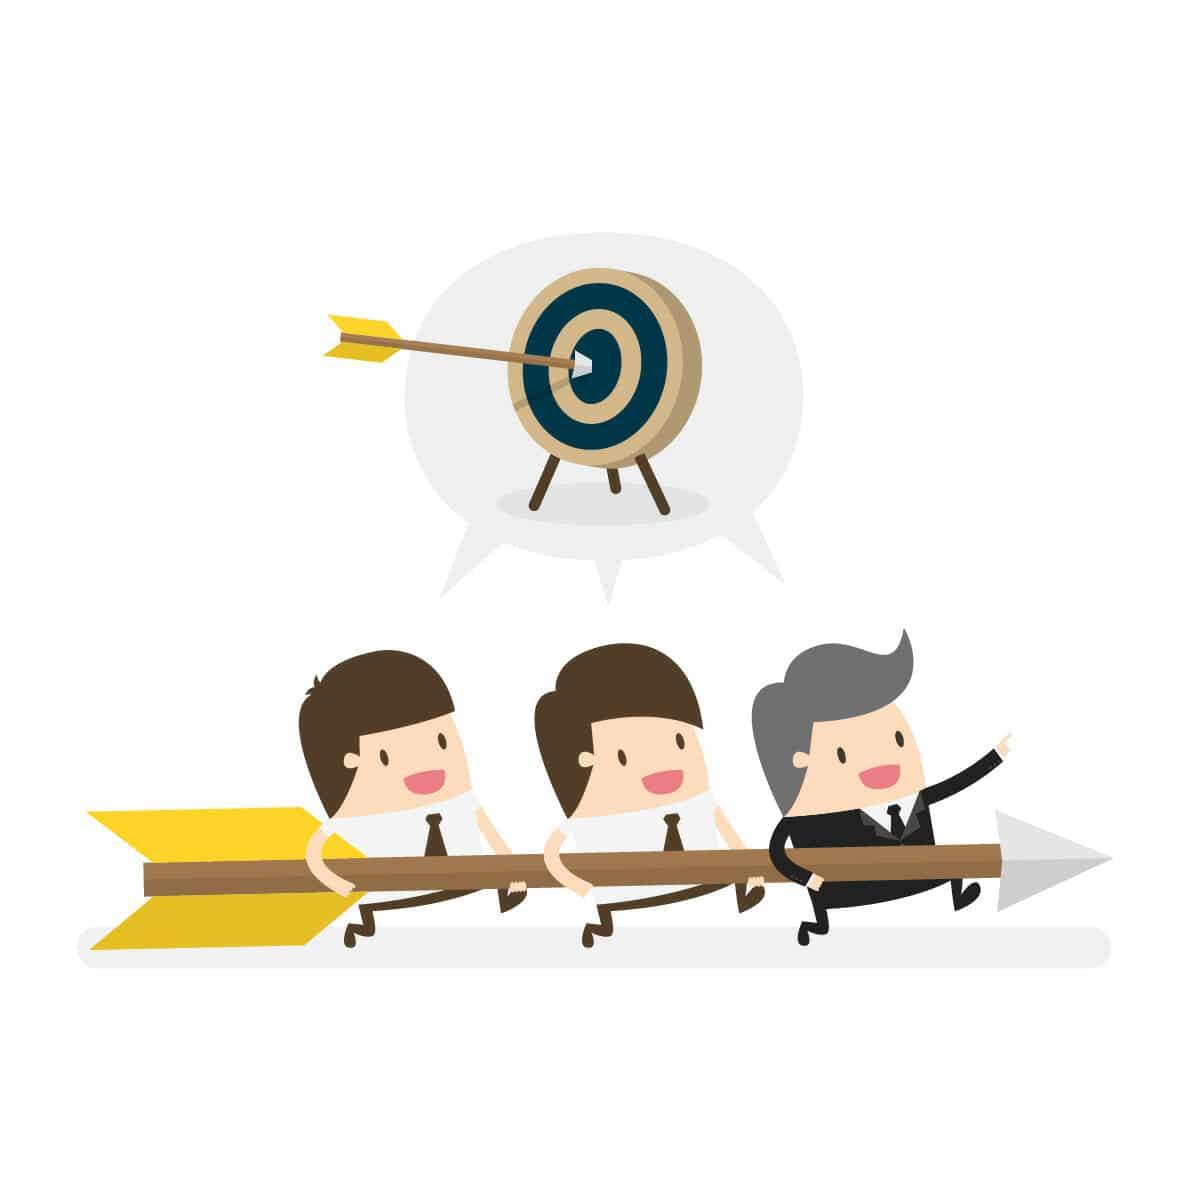 Sirope agencia diseño agencia creatividad marca bilbao flecha